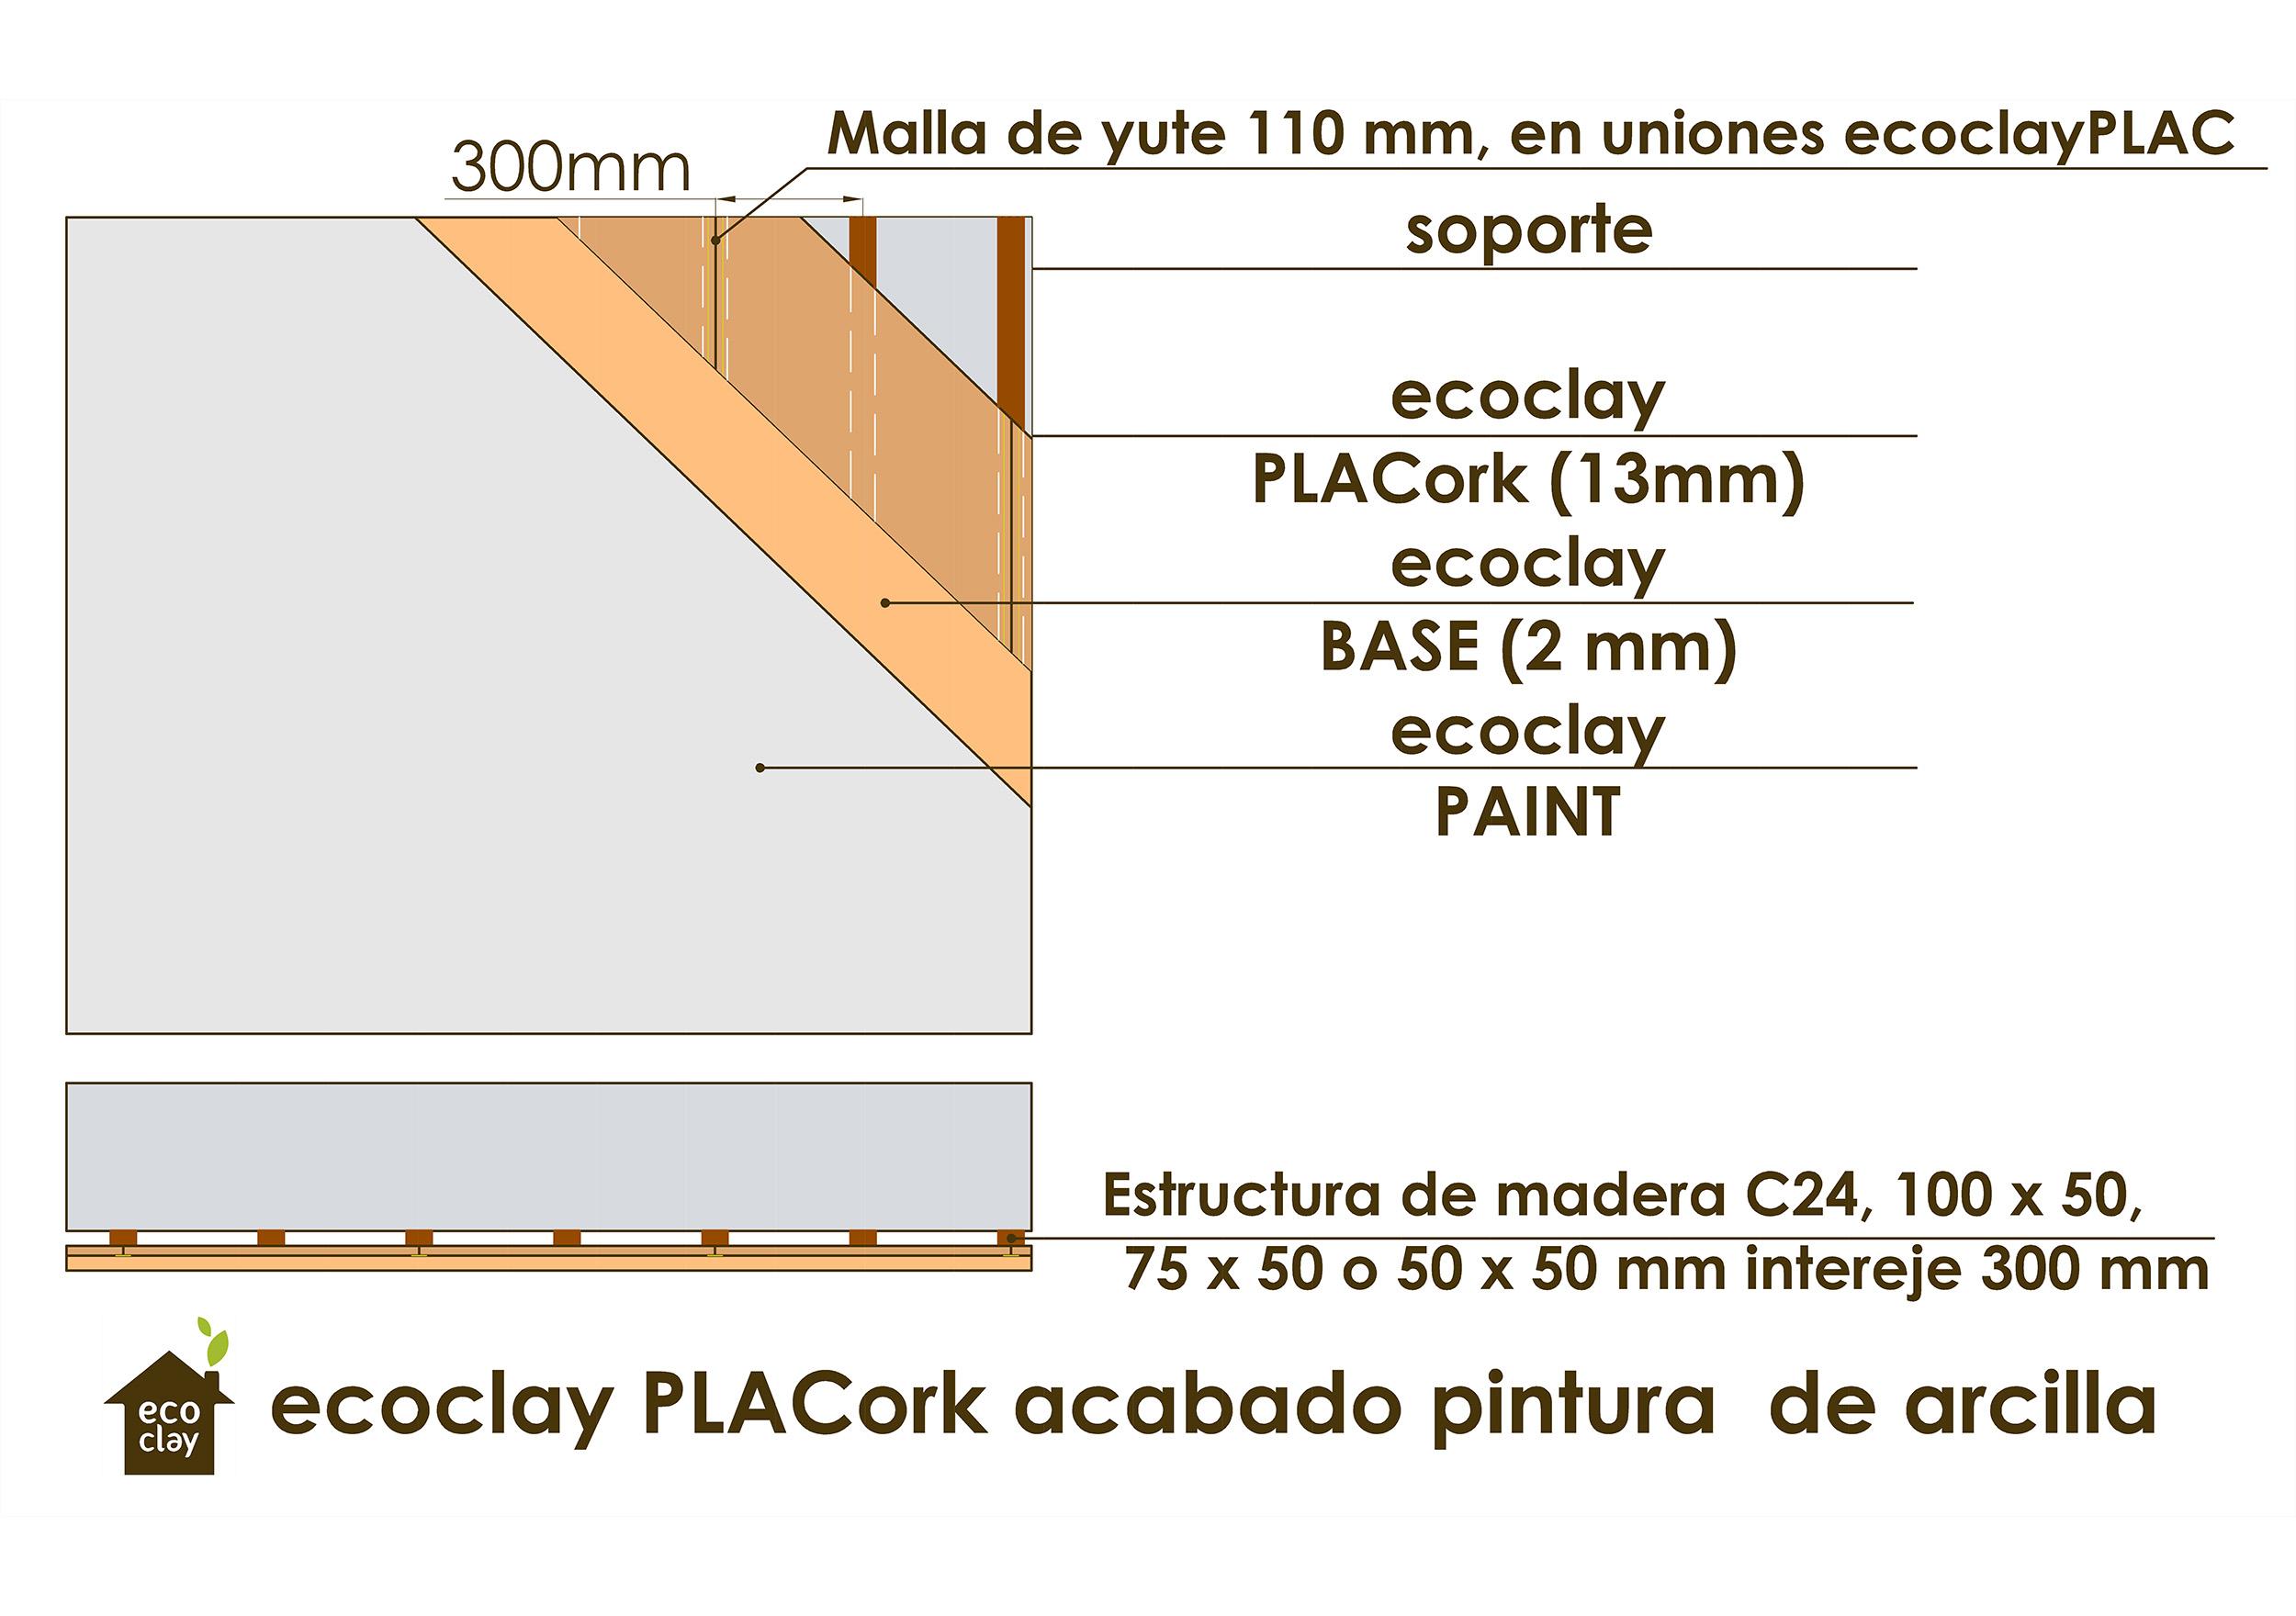 ecoclayPLACork, acabado pintura de arcilla, ecoclay PAINT